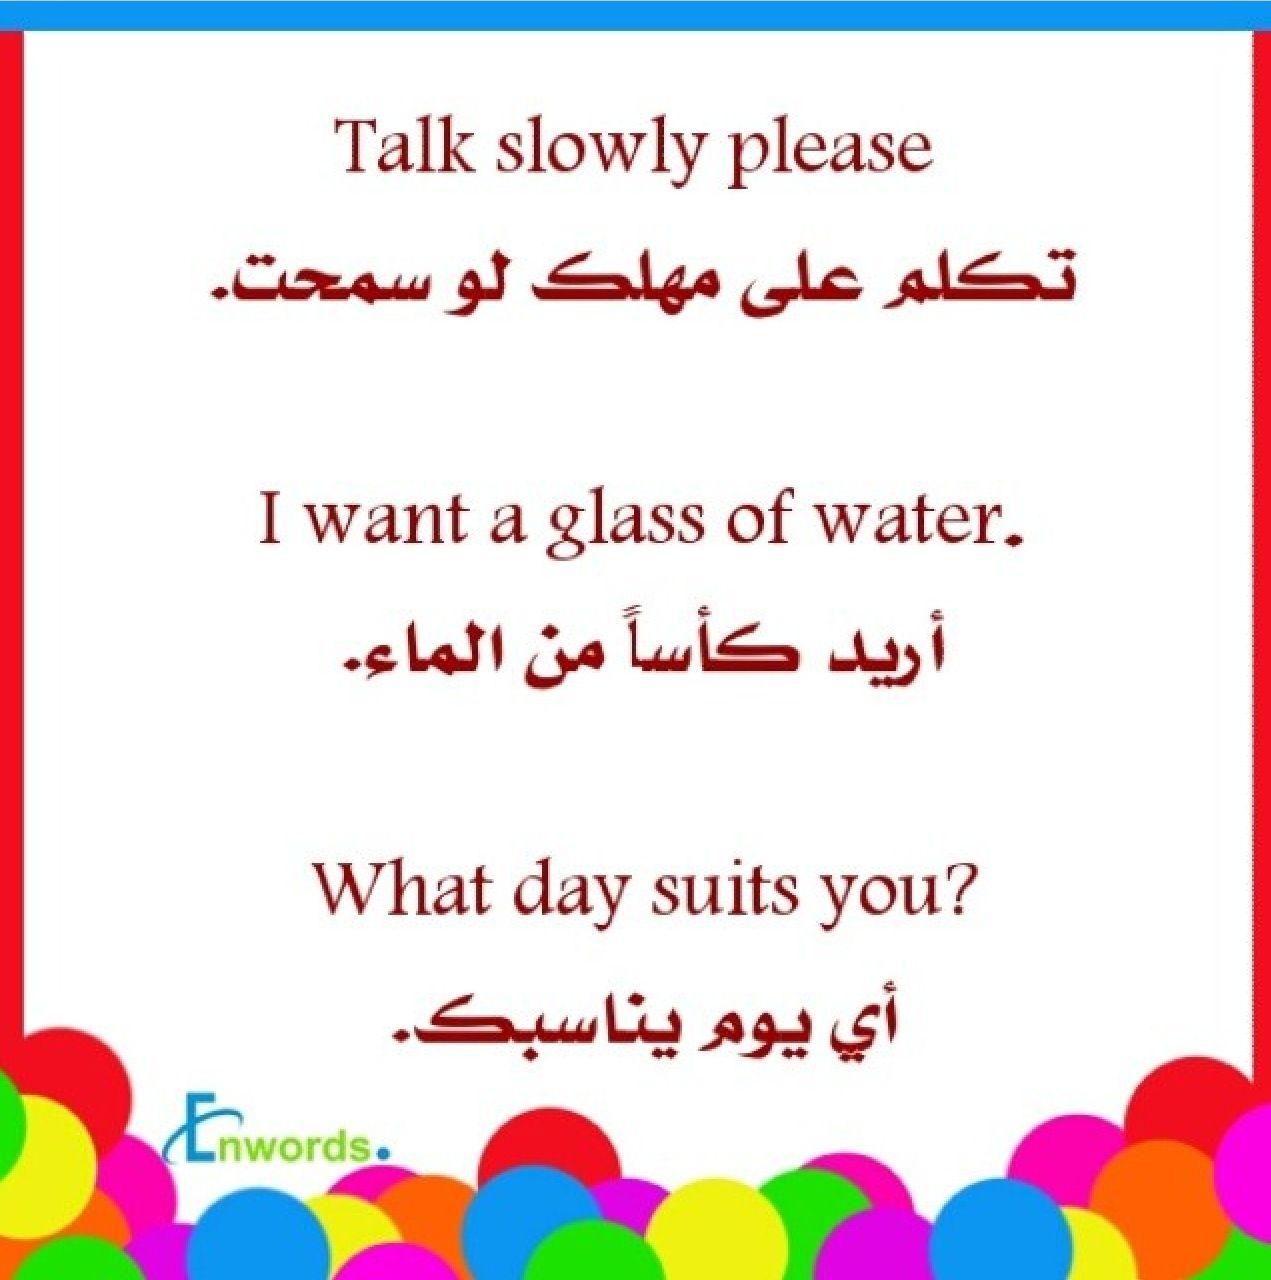 تعلم كلمات اللغة الانجليزية معناenwords Learn English Vocabulary Learn English Words English Words